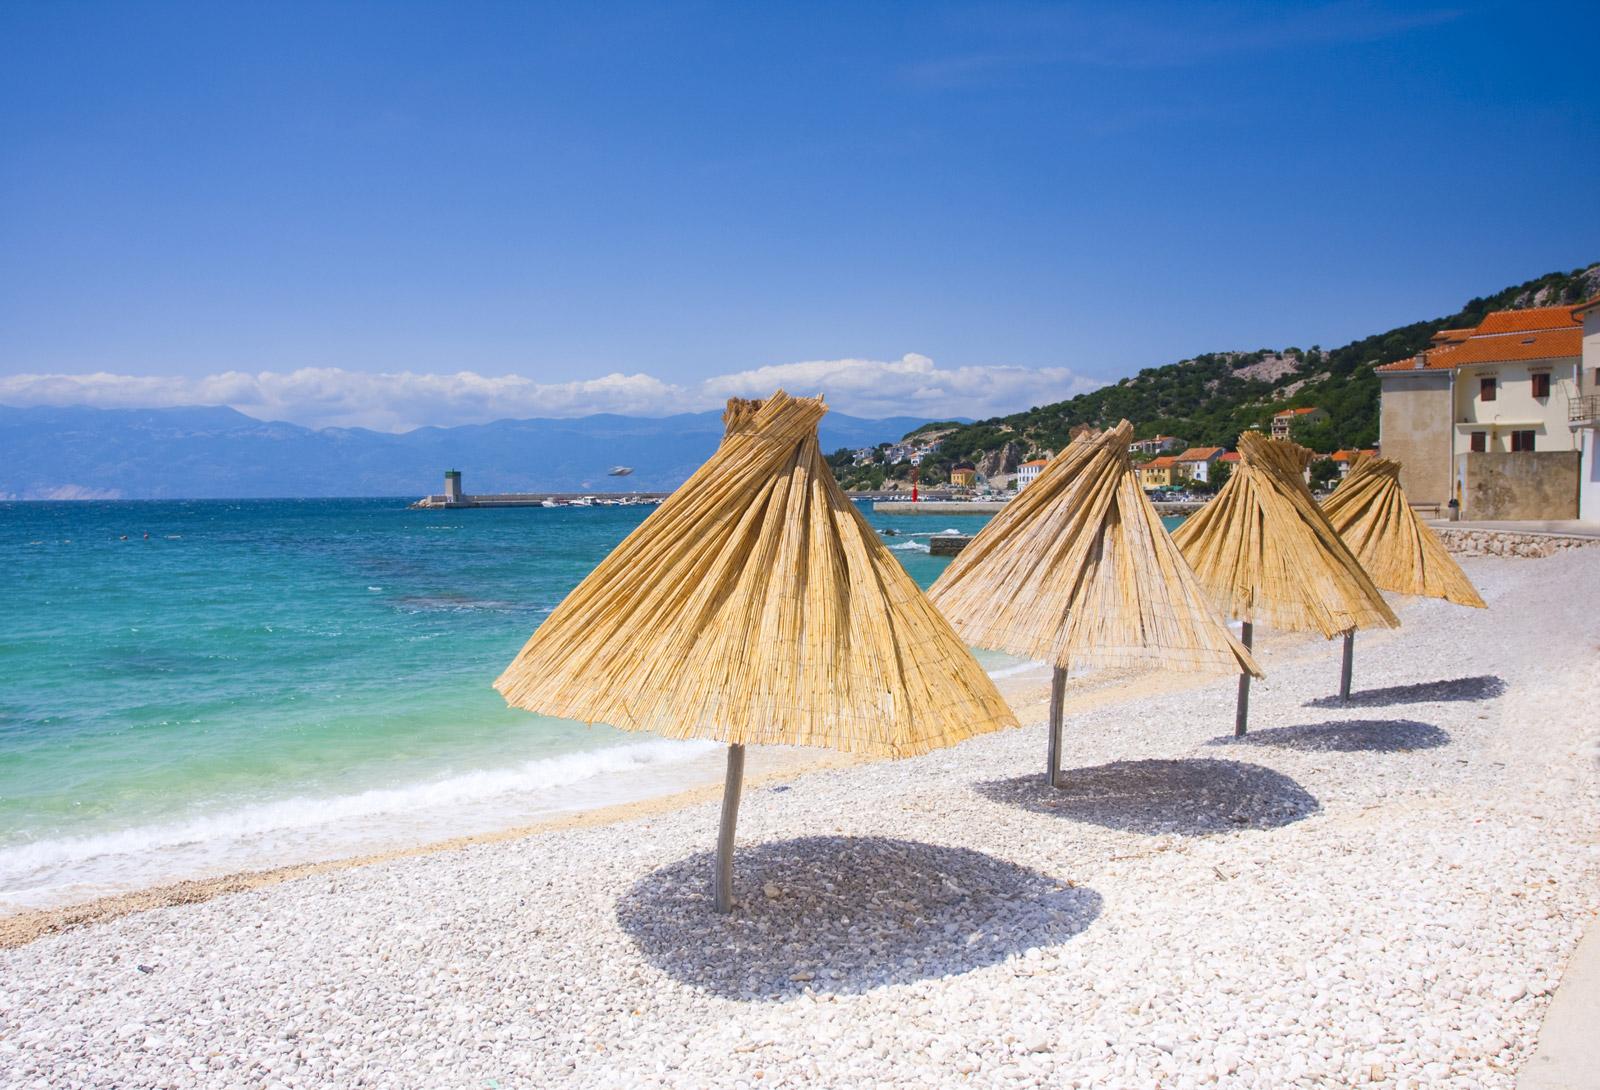 Le spiagge più belle della croazia - medulin